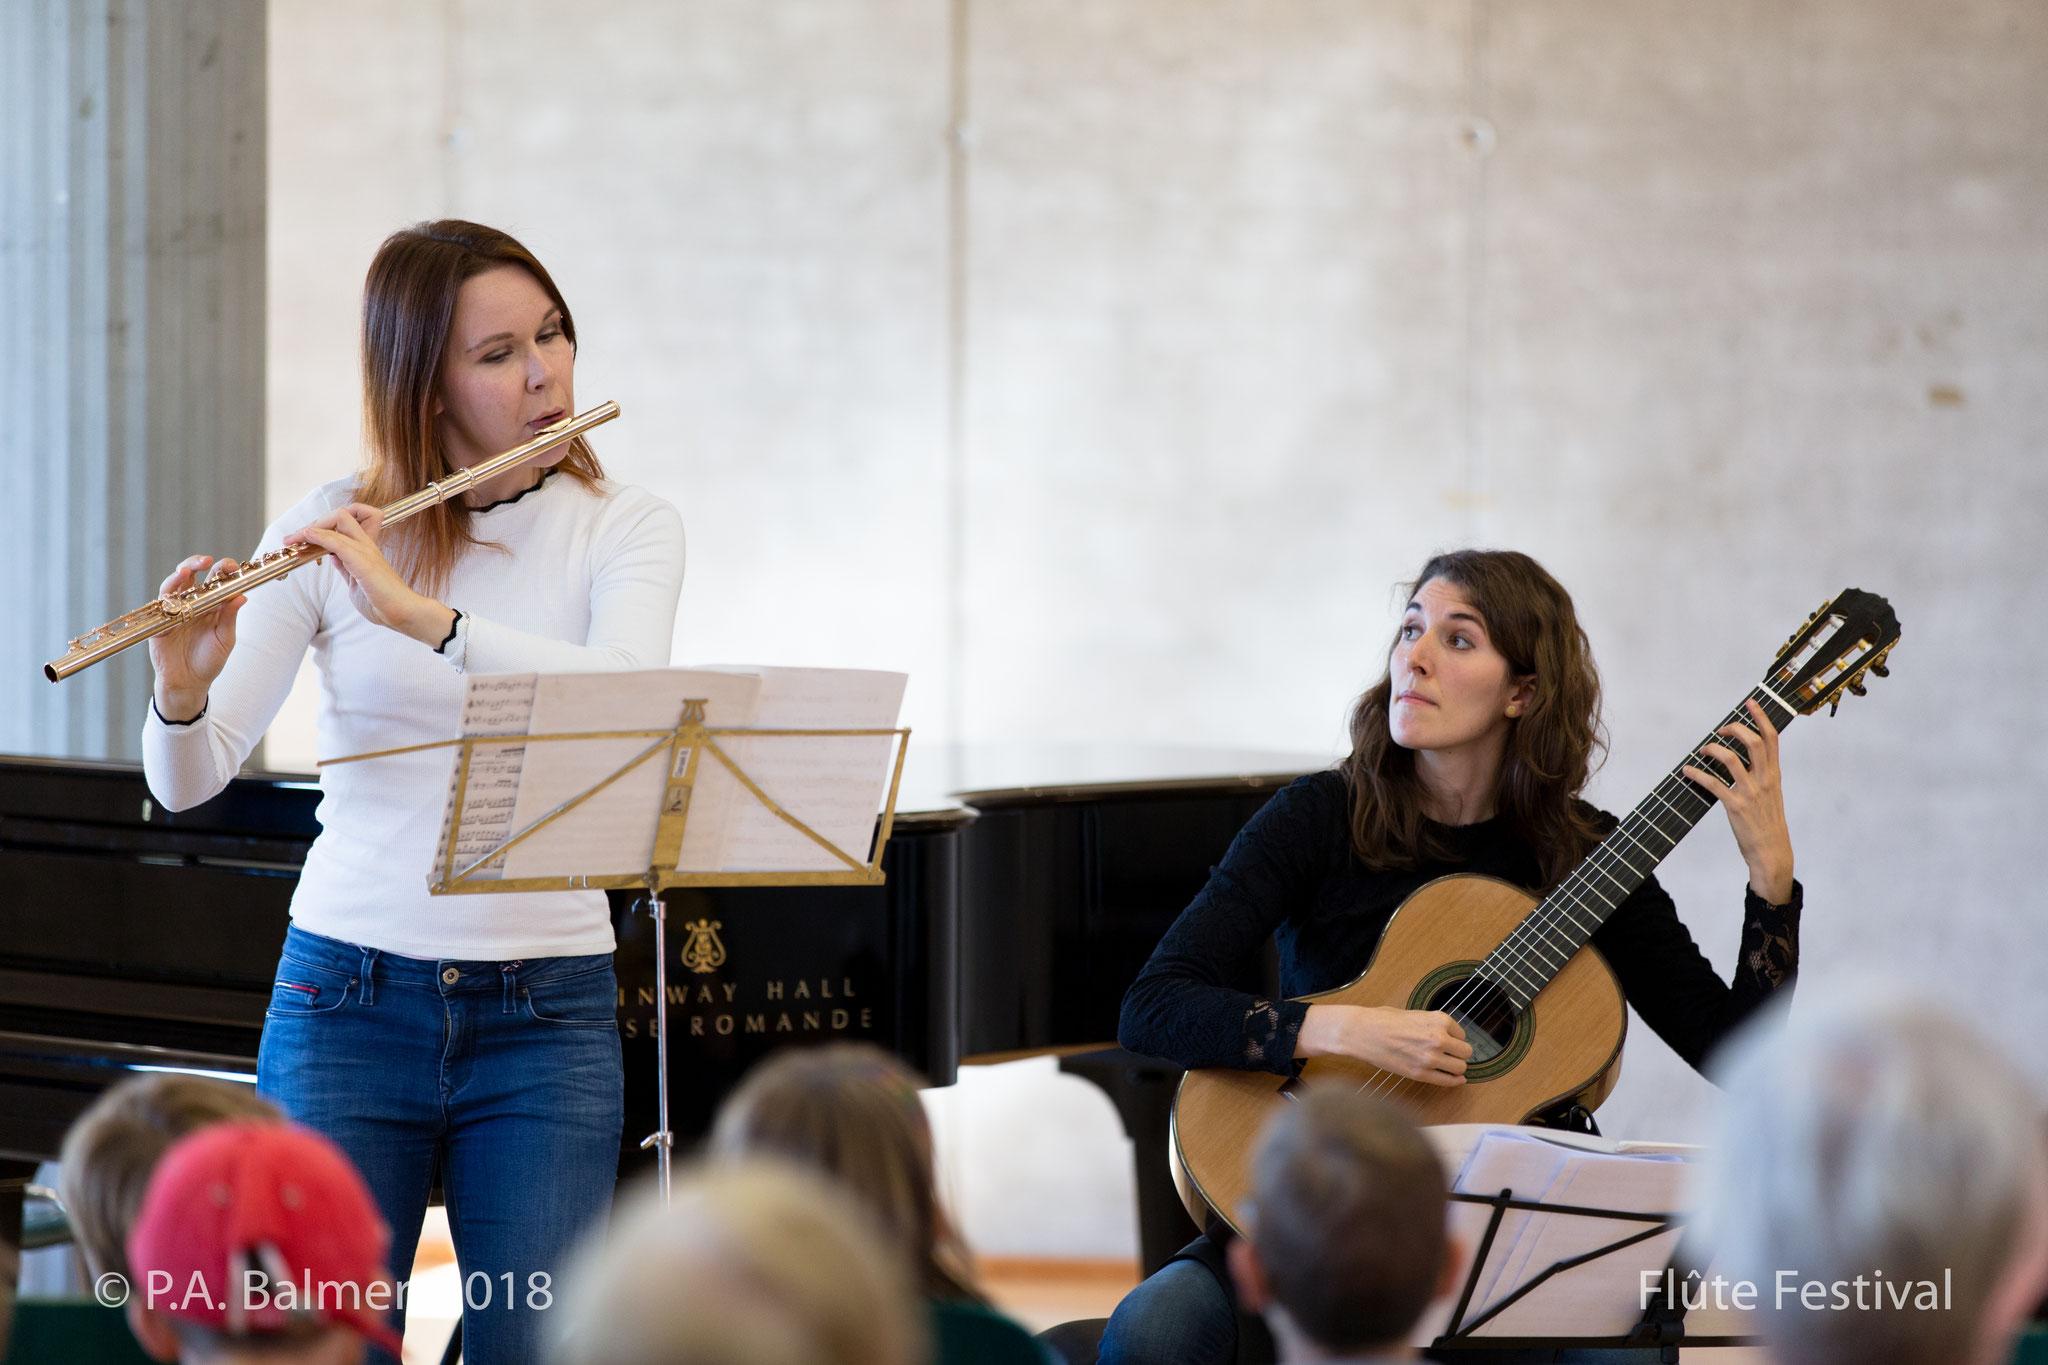 Gland 2017, Flute Festival, Duo Diversitas